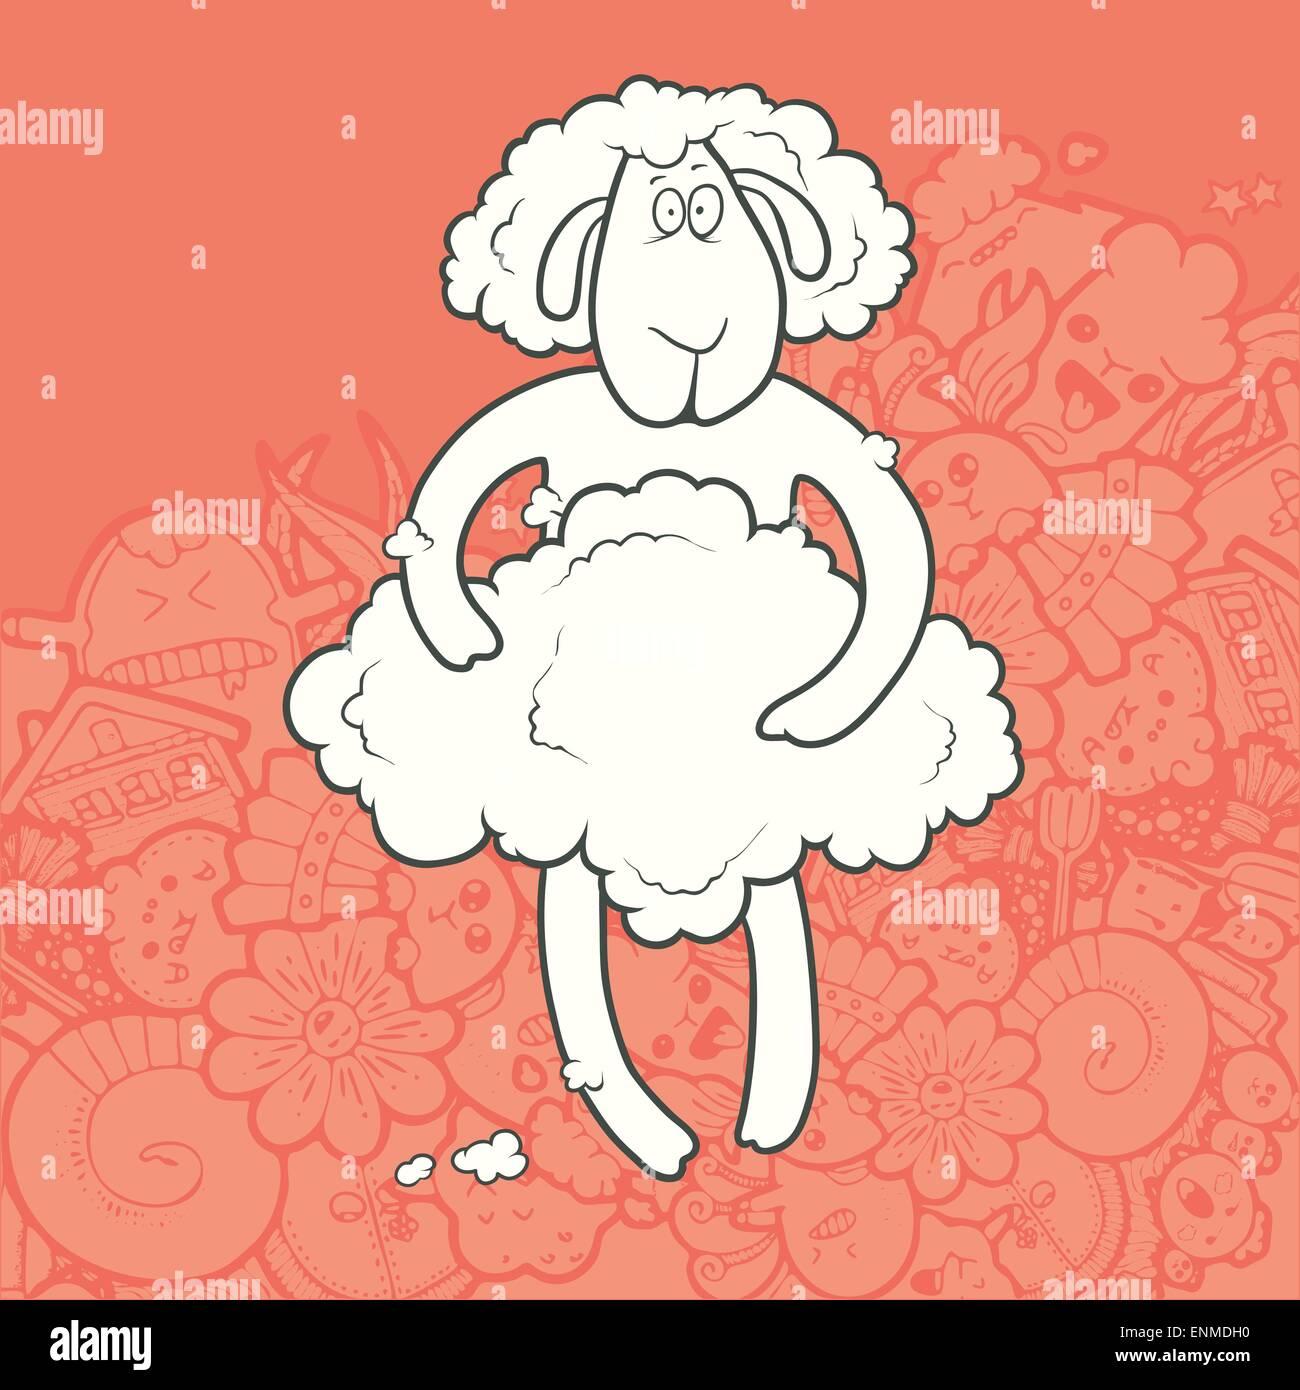 Illustrazione Vettoriale carino disegnato a mano agnello rasato trattenendo il suo cappotto. Biglietto di auguri Immagini Stock